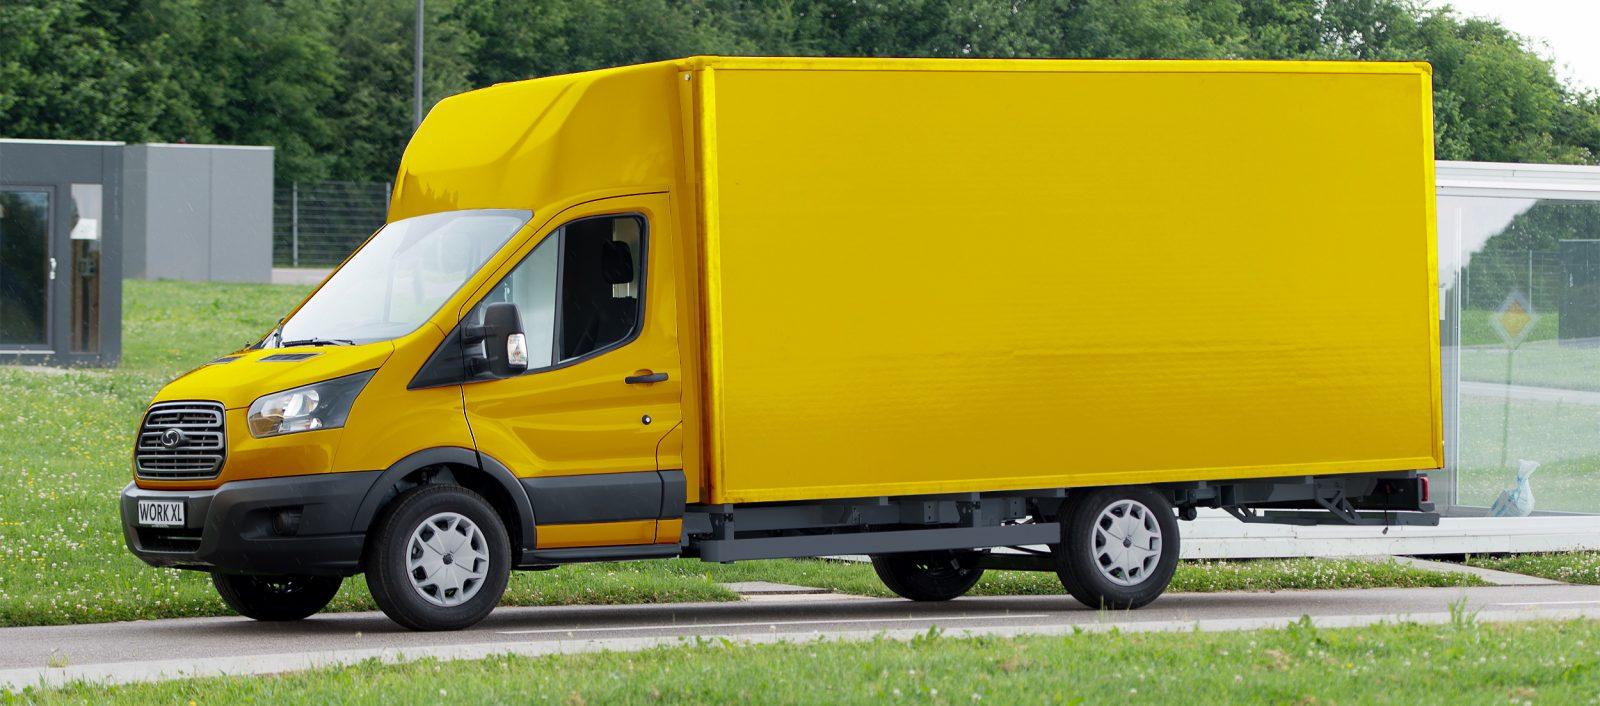 Ford En Deutsche Post Bouwen Samen Elektrische Bestelauto